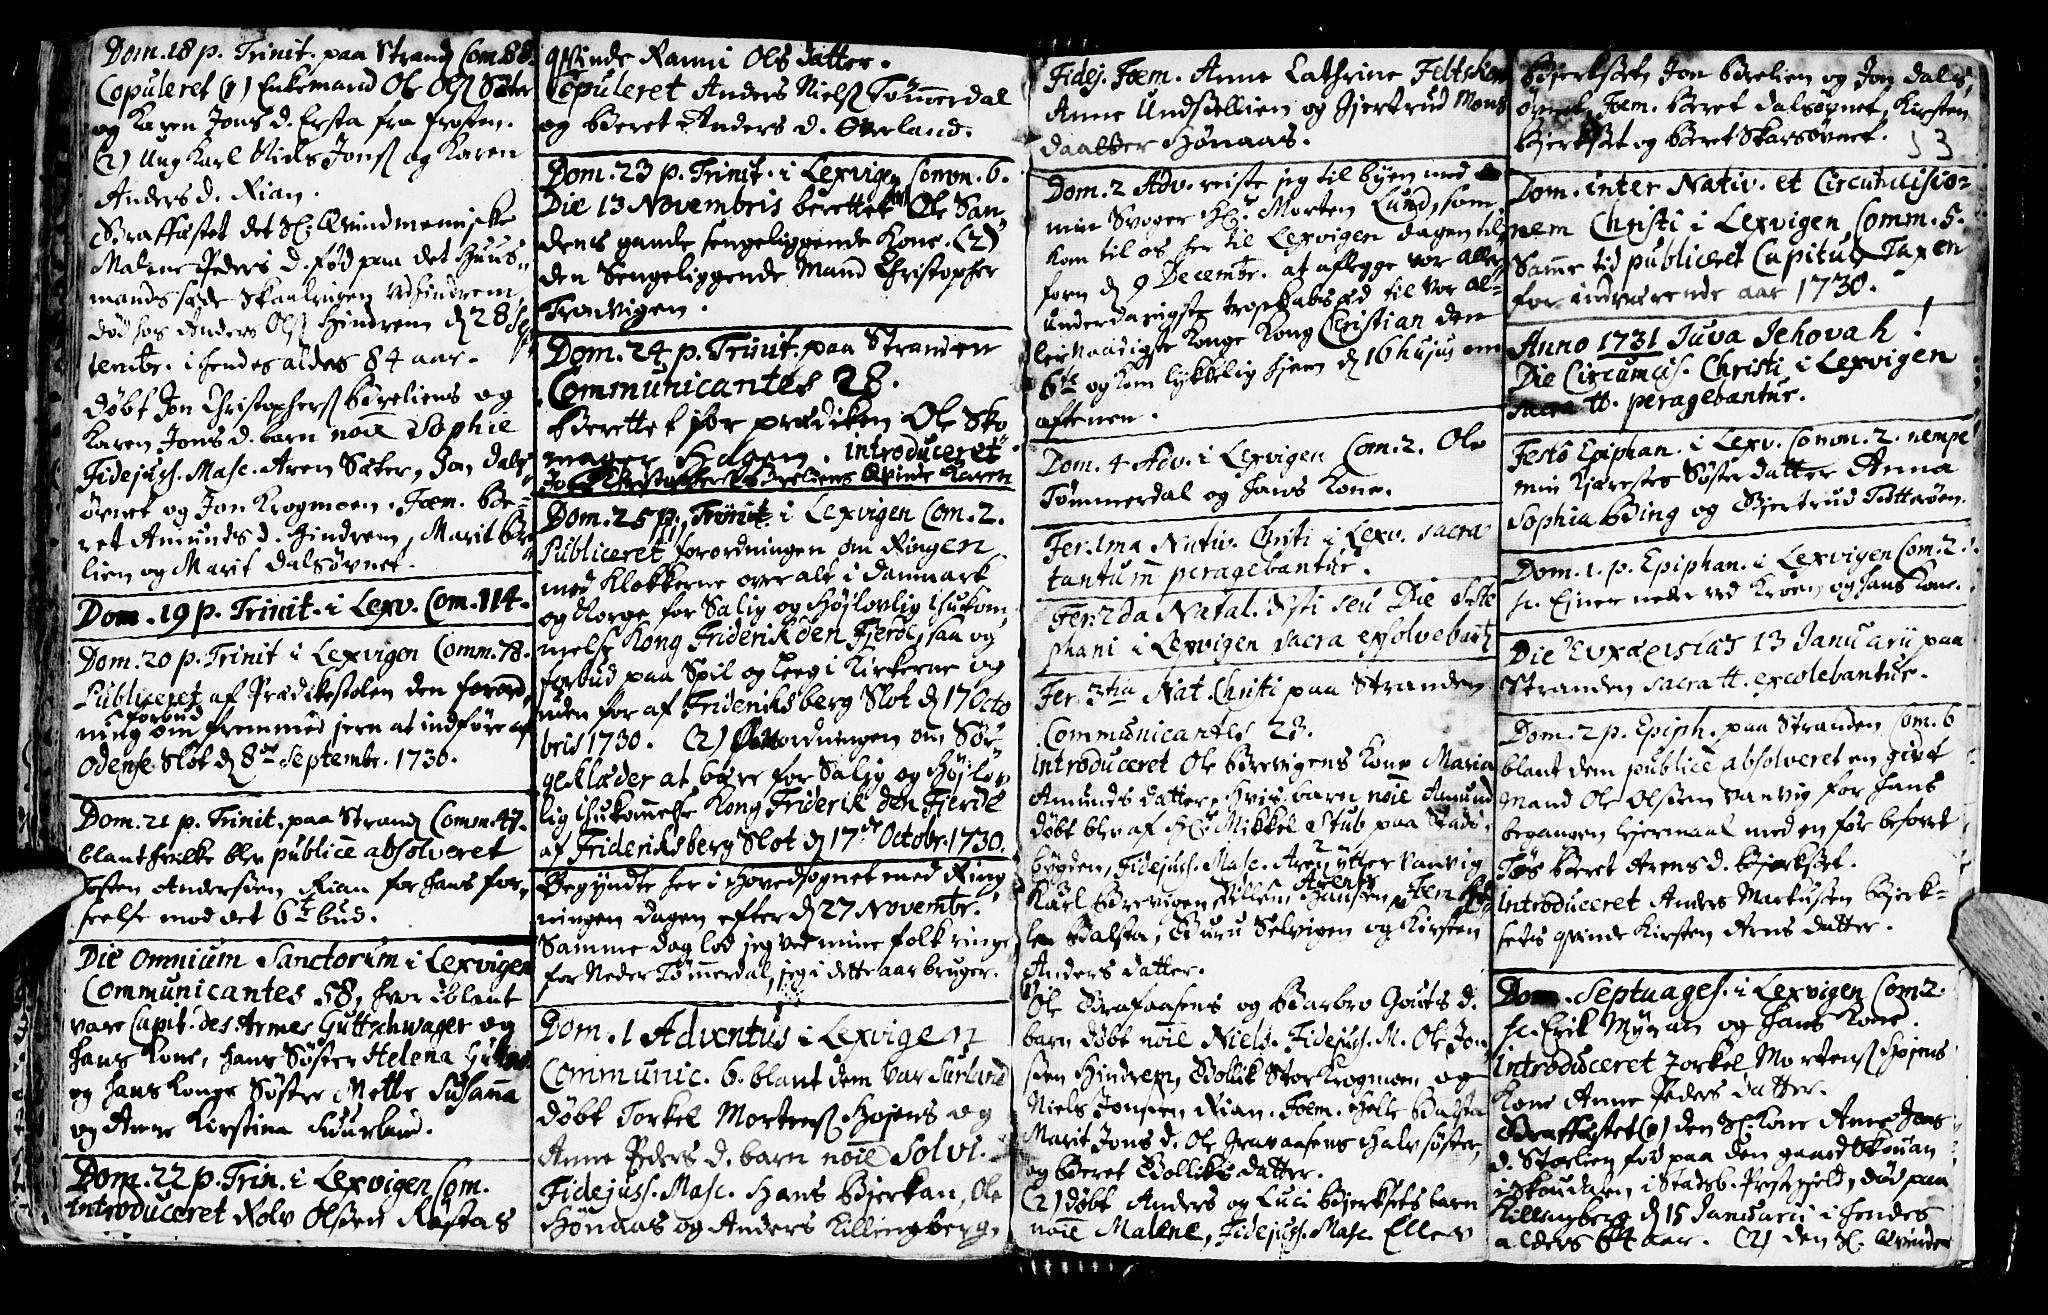 SAT, Ministerialprotokoller, klokkerbøker og fødselsregistre - Nord-Trøndelag, 701/L0001: Ministerialbok nr. 701A01, 1717-1731, s. 53